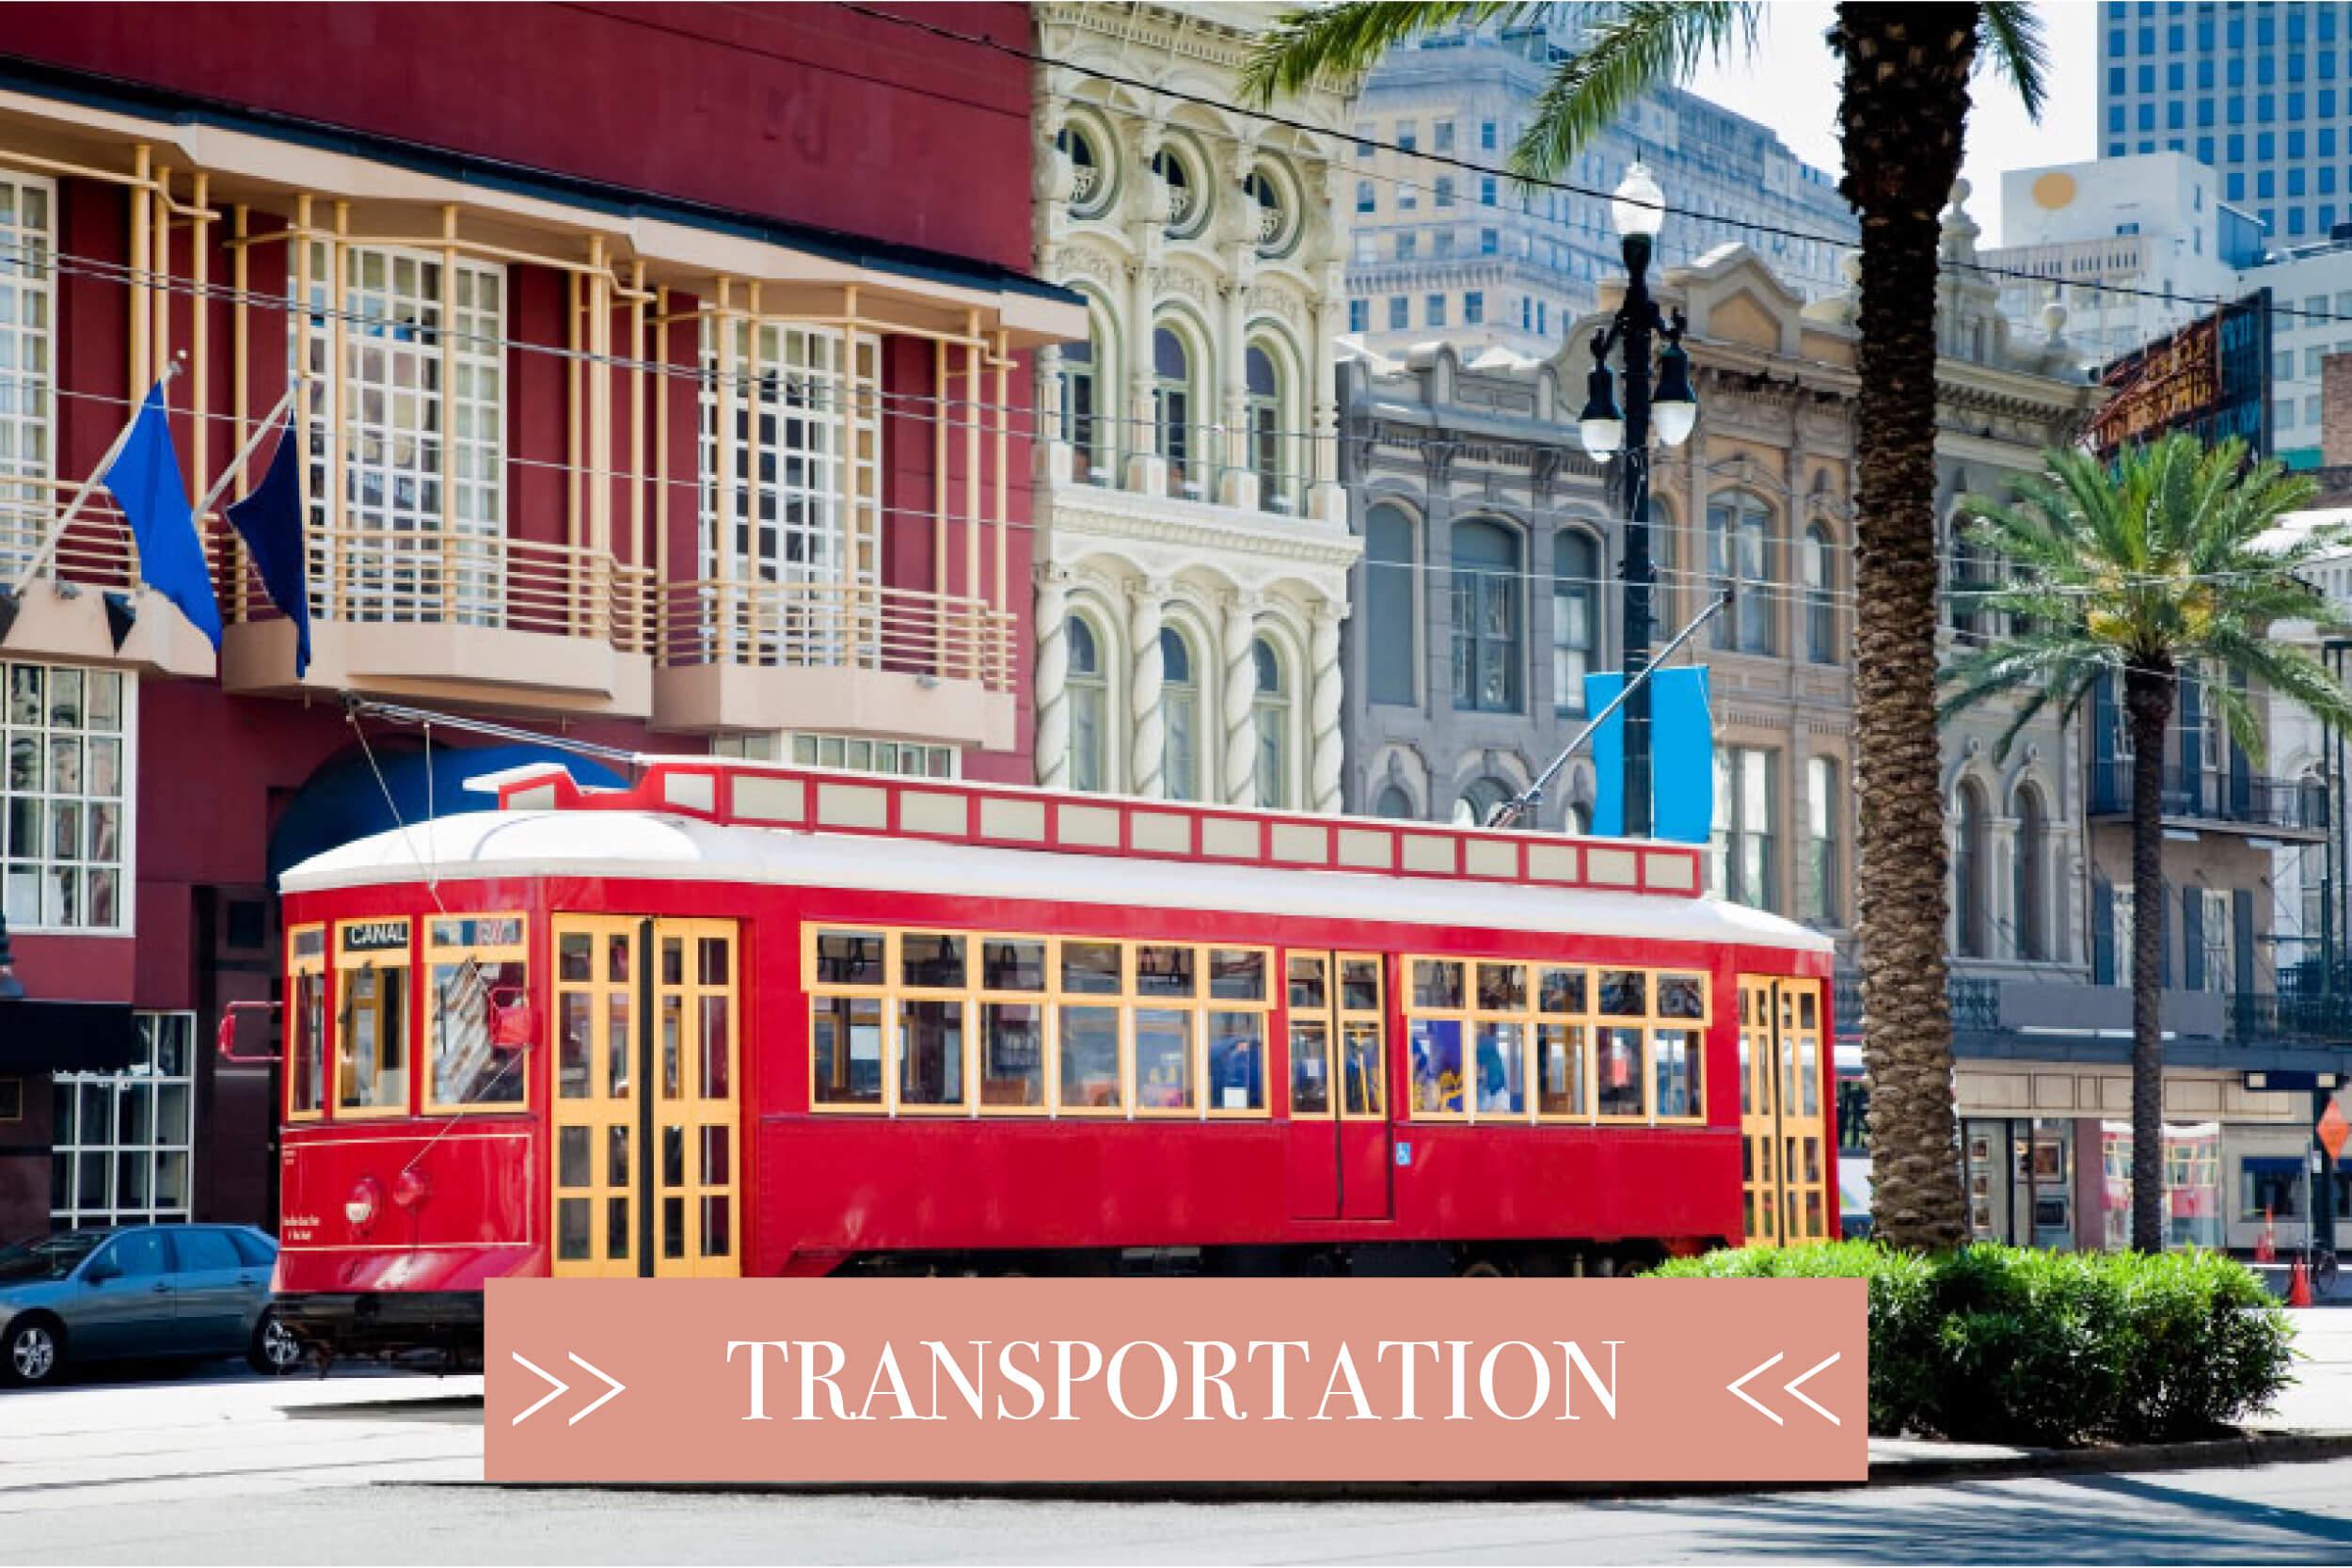 nola-transport2.jpg